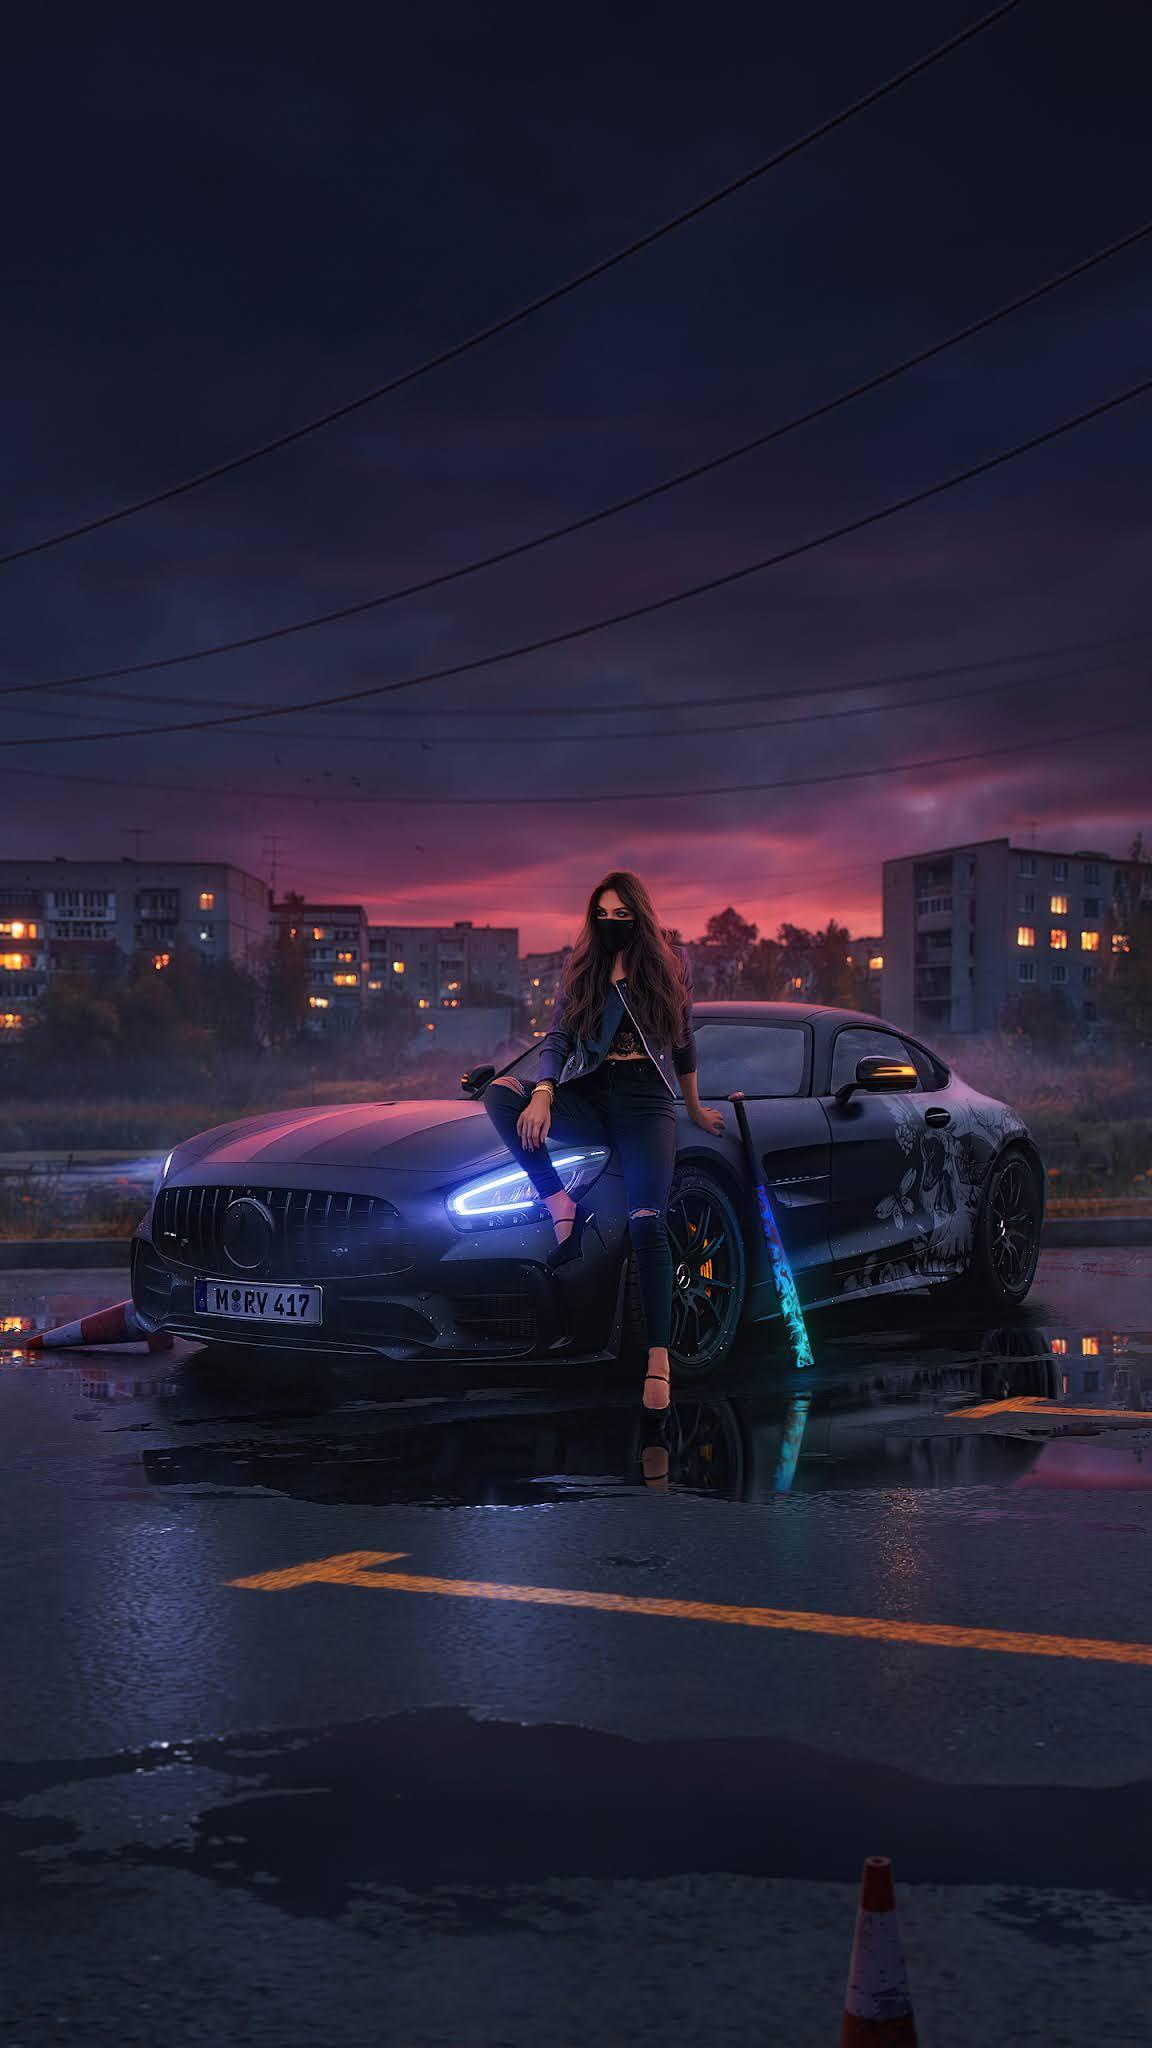 Urban Girl Sitting On Mercedes Bonnet mobile wallpaper